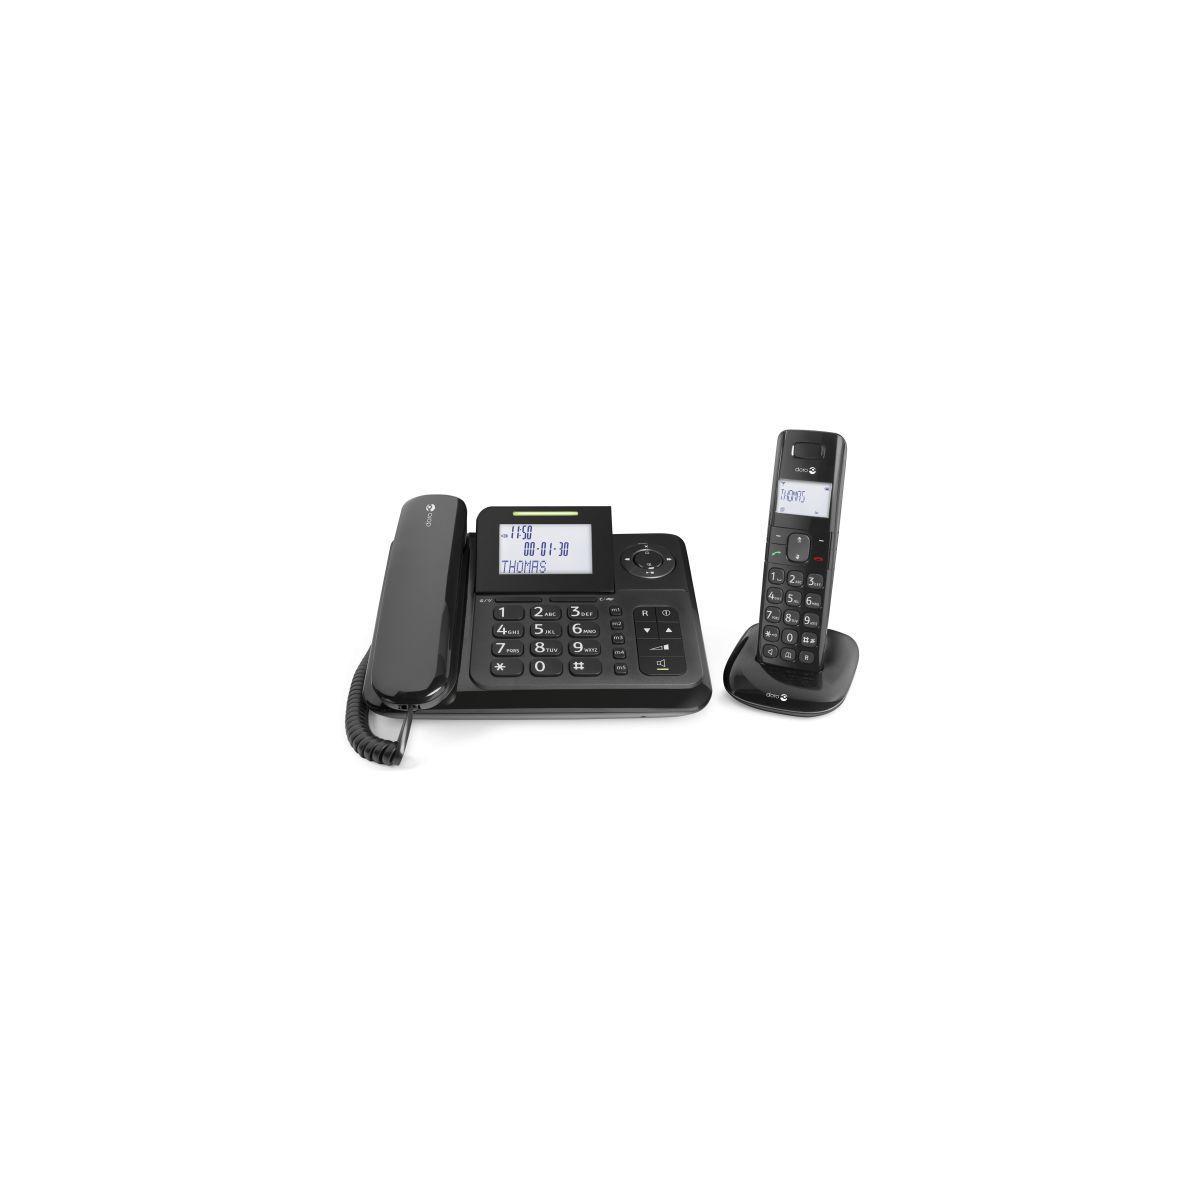 Tél. doro comfort 4005 noir - livraison offerte avec le code nouveaute (photo)